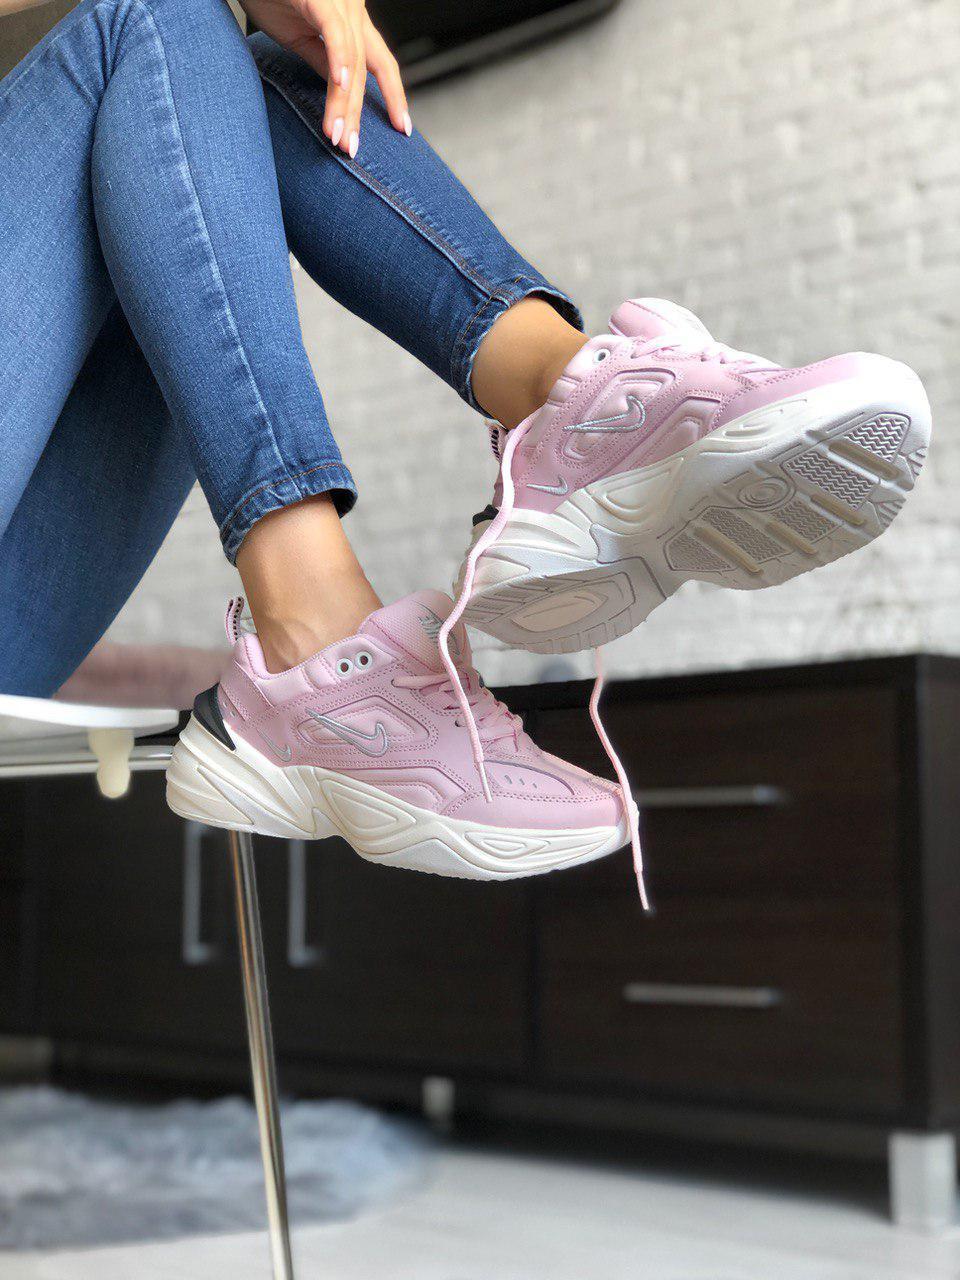 Женские кроссовки NIKE M2K TEKNO из натуральной кожи, нежно розовые